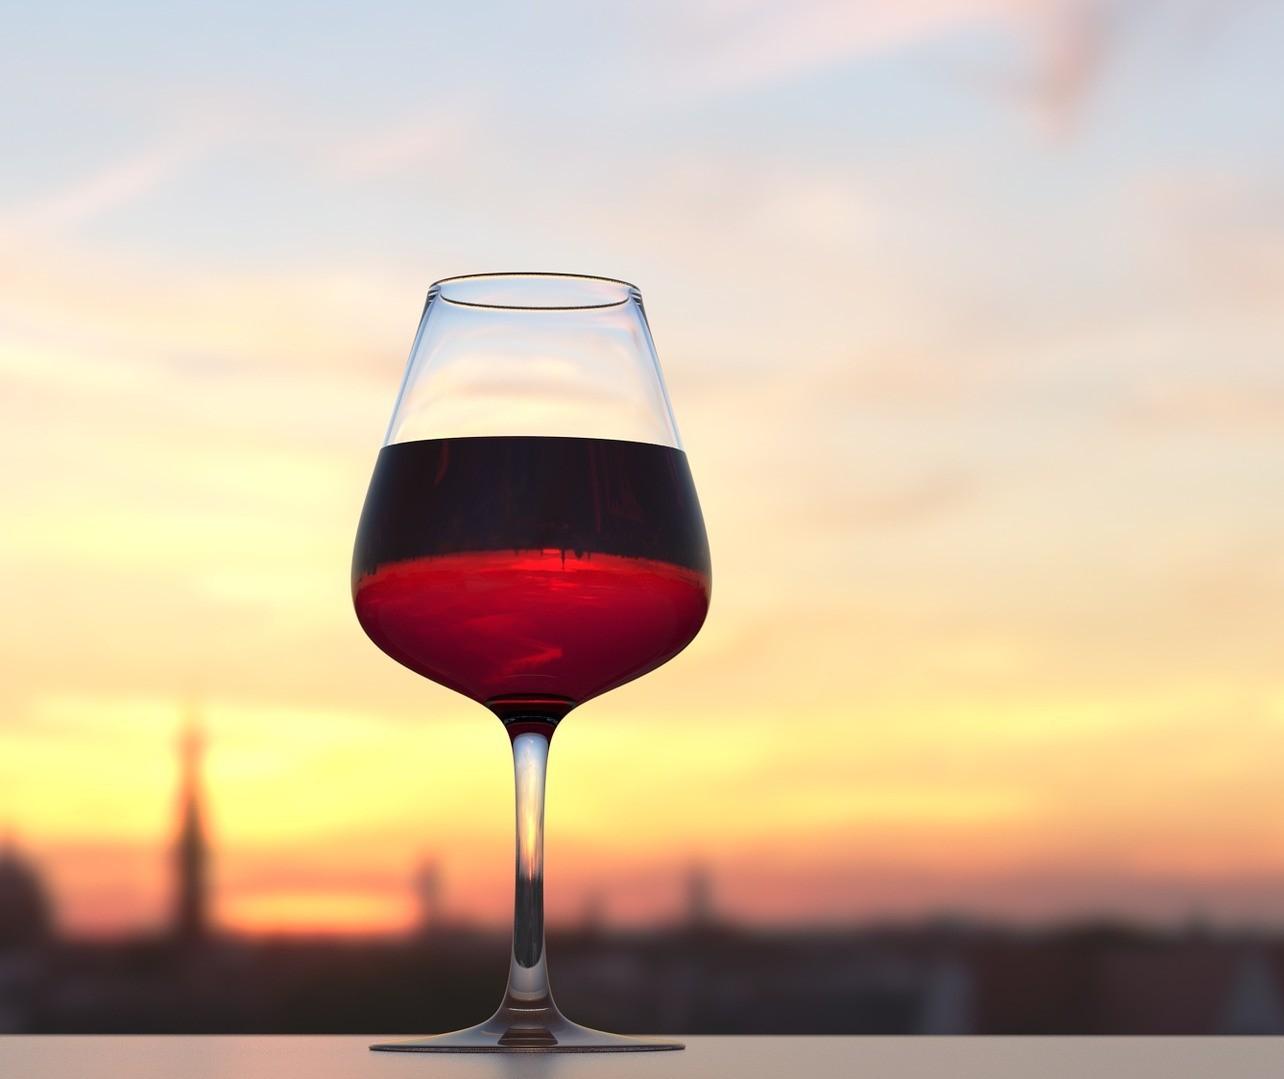 Maçã é bom para escolher vinho; para tomar, queijo é melhor companhia